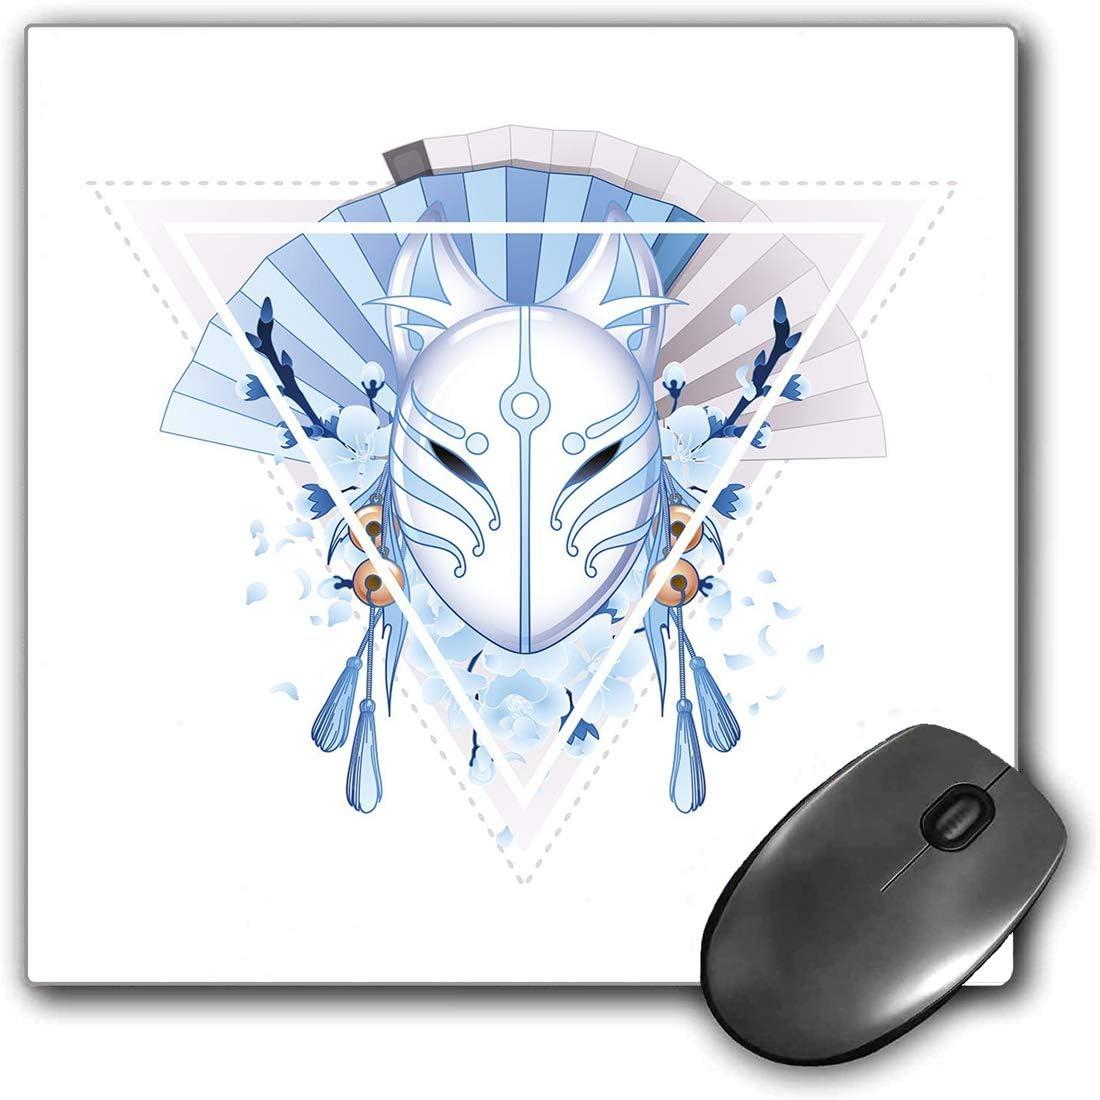 Mouse Pad Gaming Funcional Decoración de la máscara de Kabuki Alfombrilla de ratón gruesa impermeable para escritorio Máscara de zorro Kitsune Japón Cultura Triángulo Sakura Flores,Azul Claro Blanco B